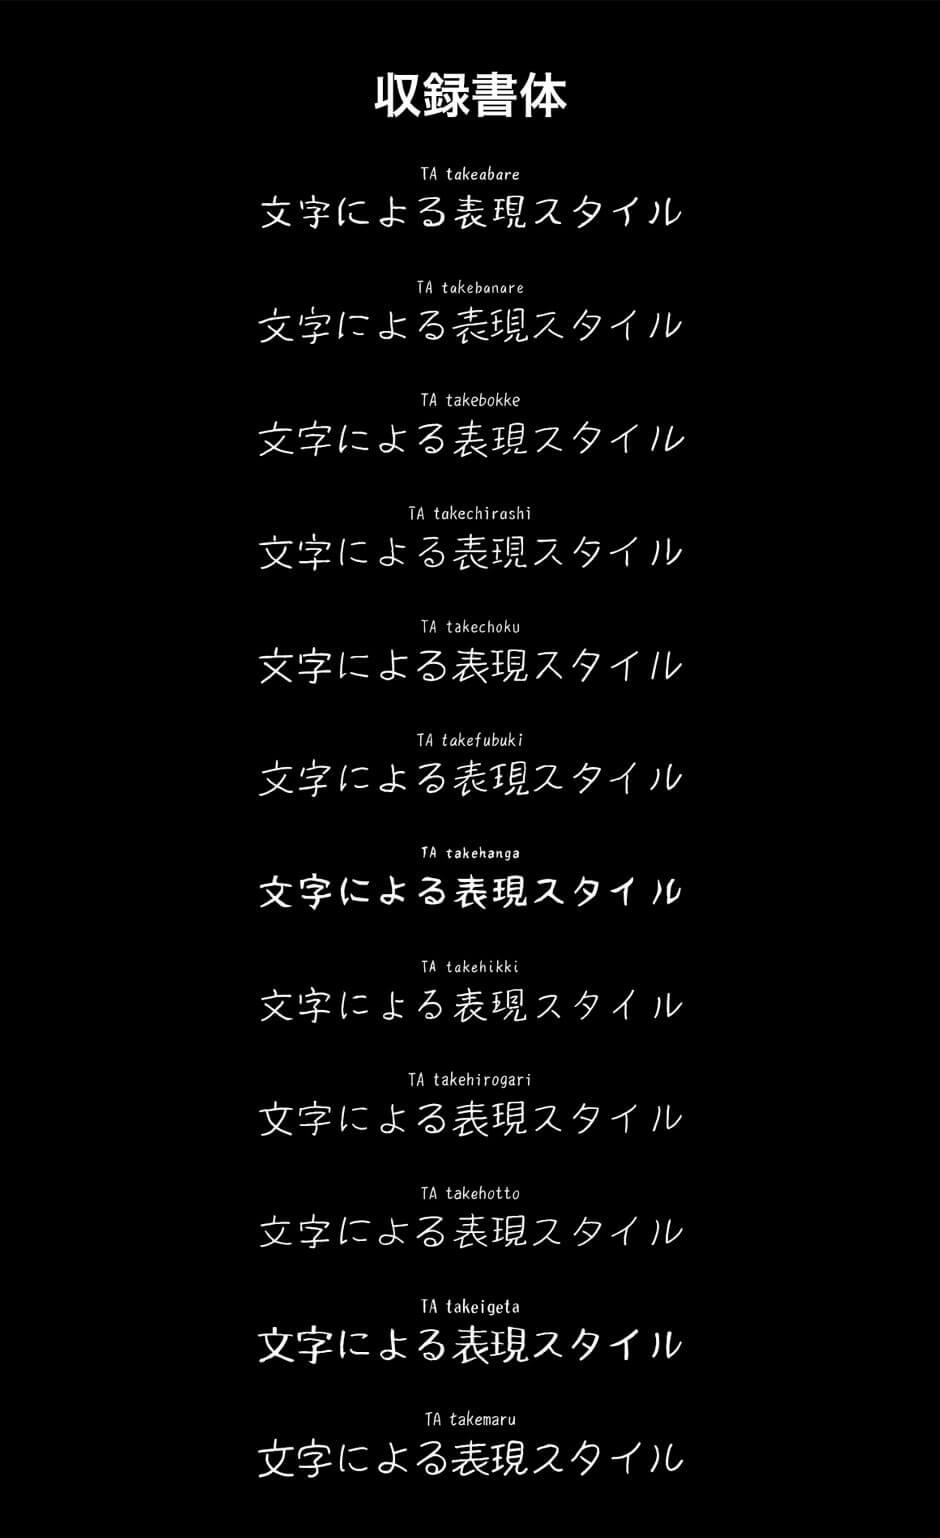 jp-unique-handwriting-fonts-letterforms-1